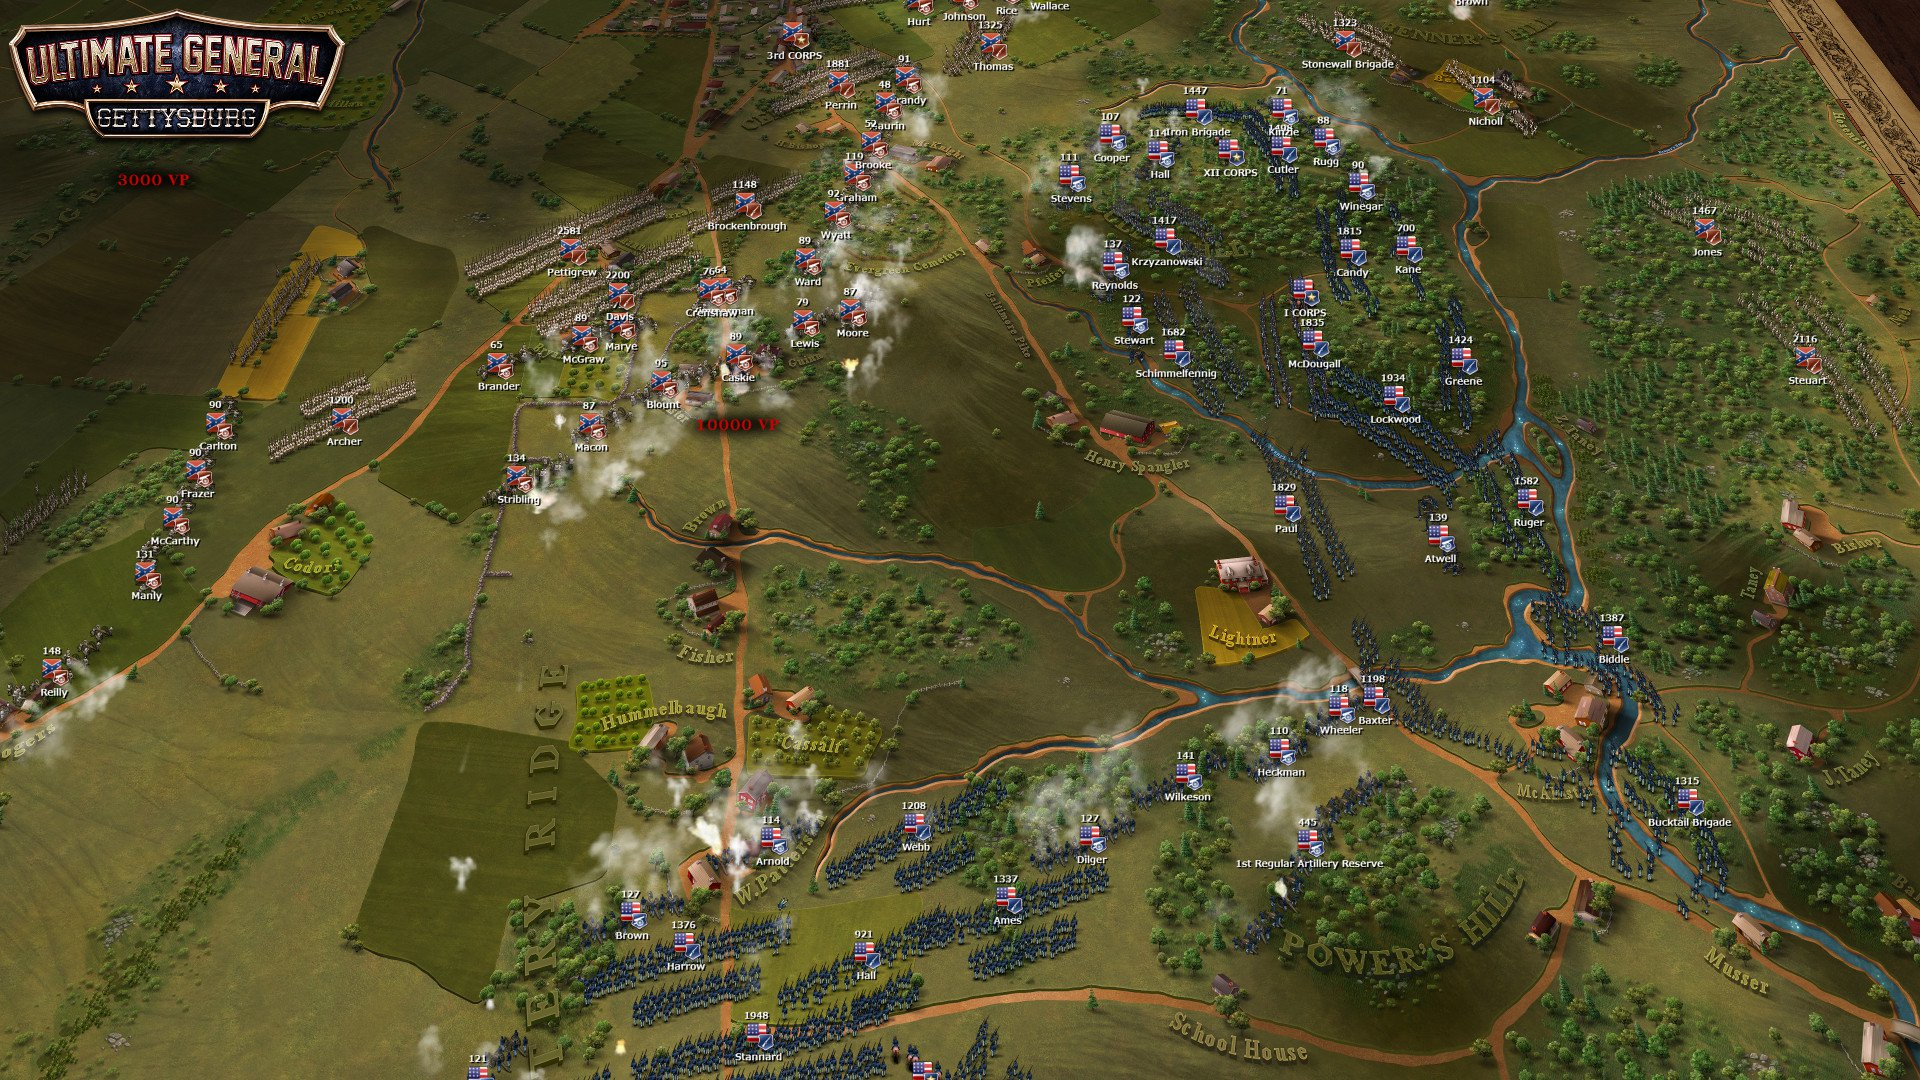 Ultimate General Gettysburg 19